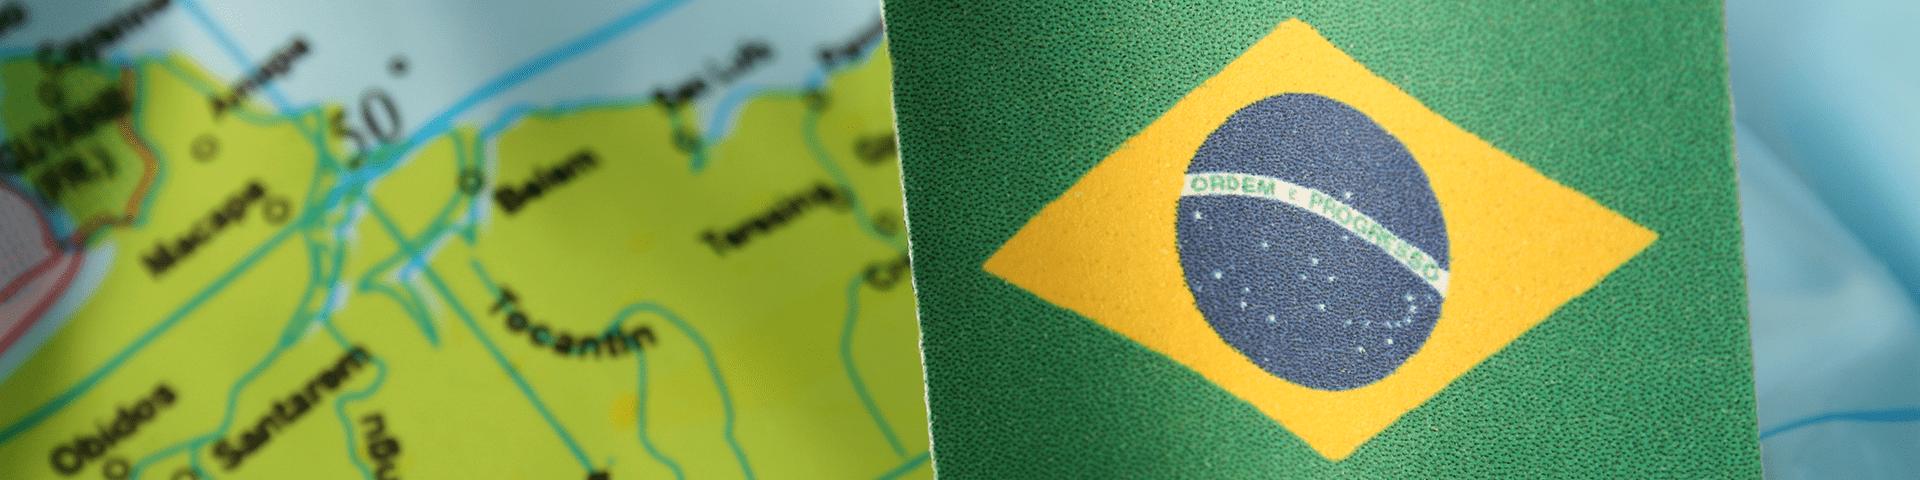 Como funciona a venda de precatórios na Precatórios Brasil?